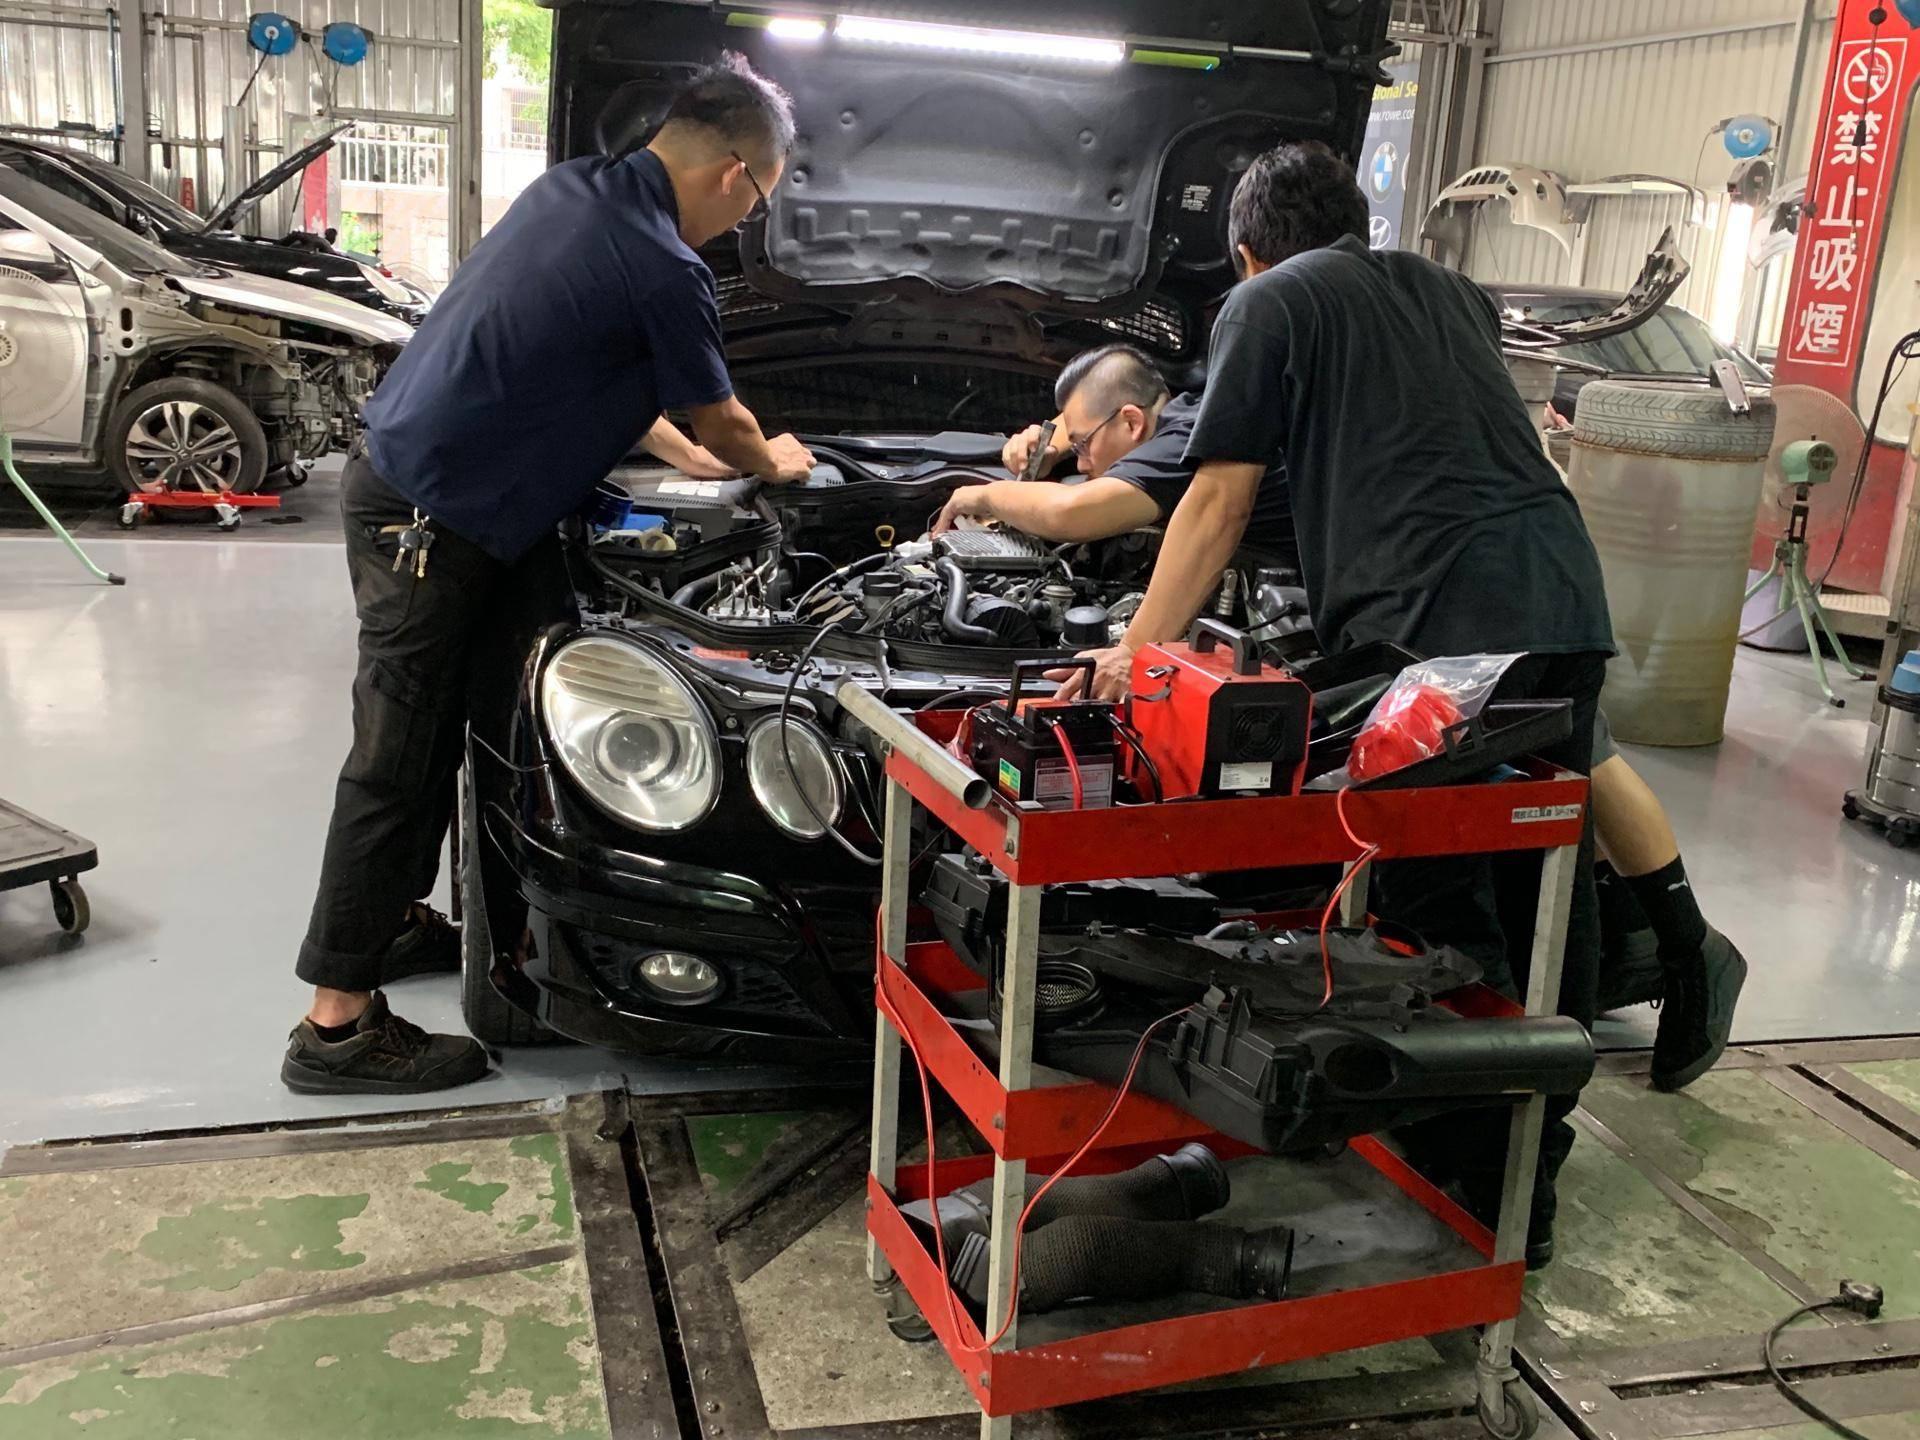 【振傑汽車】賓士/BENZ E280 引擎電腦故障#怠速抖動#耗油問題#入檔熄火問題